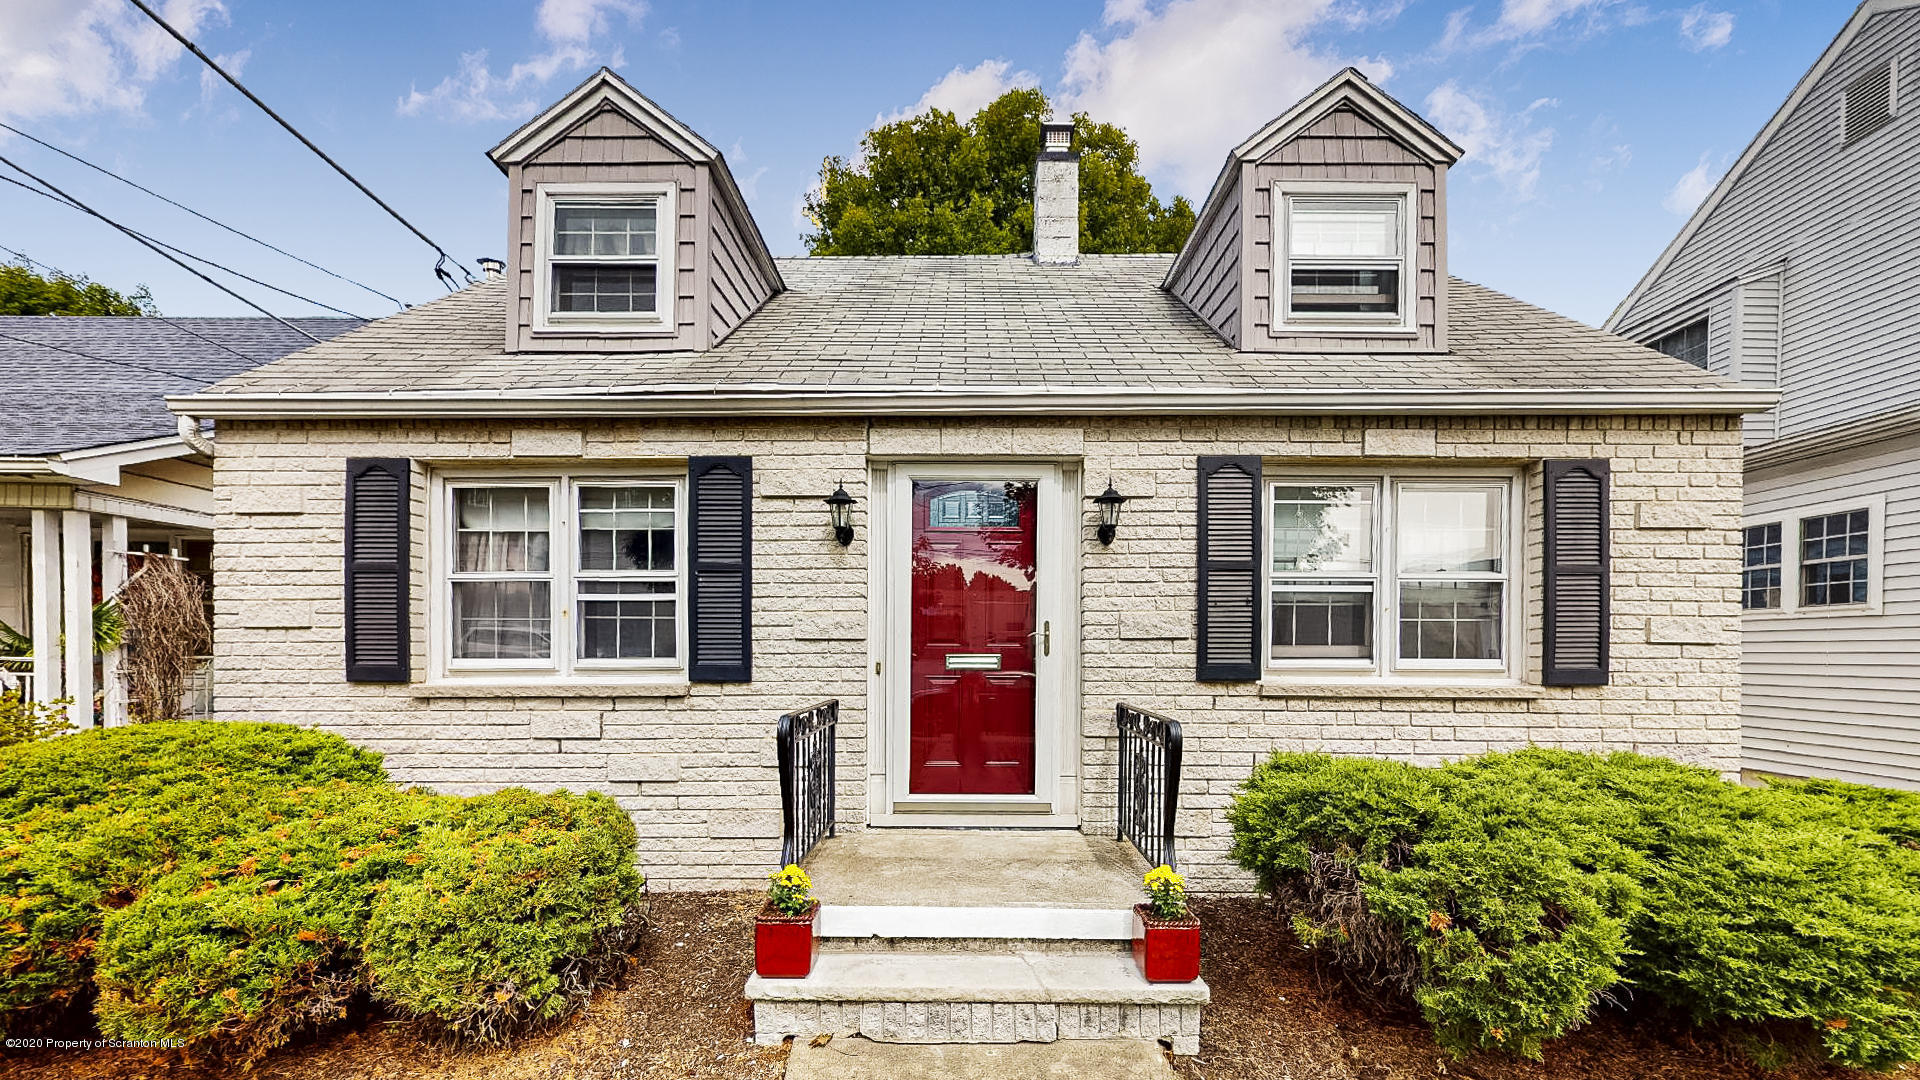 1033 Hemlock St, Scranton, Pennsylvania 18505, 2 Bedrooms Bedrooms, 8 Rooms Rooms,2 BathroomsBathrooms,Single Family,For Sale,Hemlock,20-3851